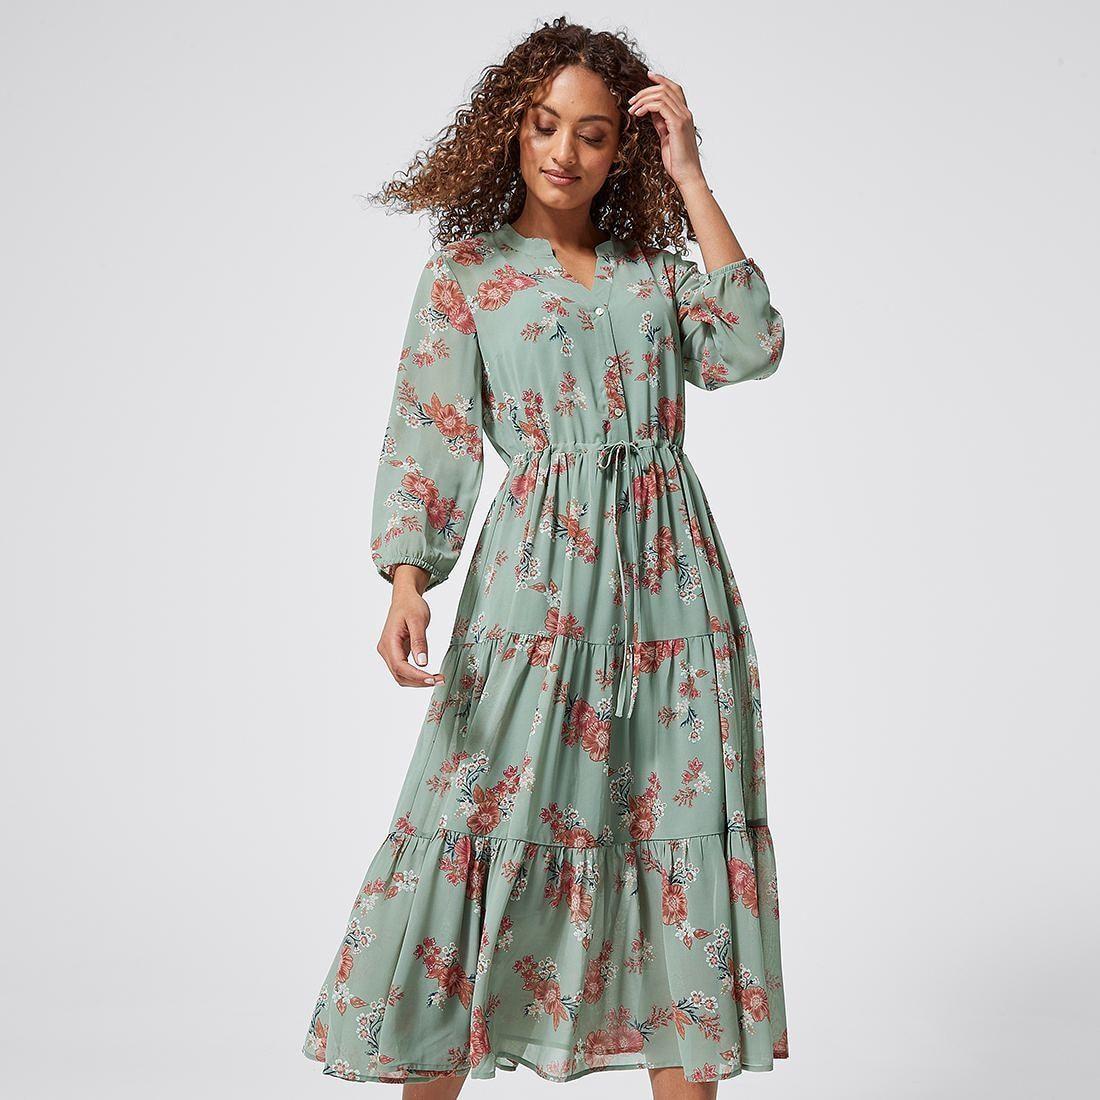 Long Sleeve Tiered Midi Dress Sage Green Floral Target Australia Tiered Midi Dress Dresses Long Sleeve Midi Dress [ 1100 x 1100 Pixel ]